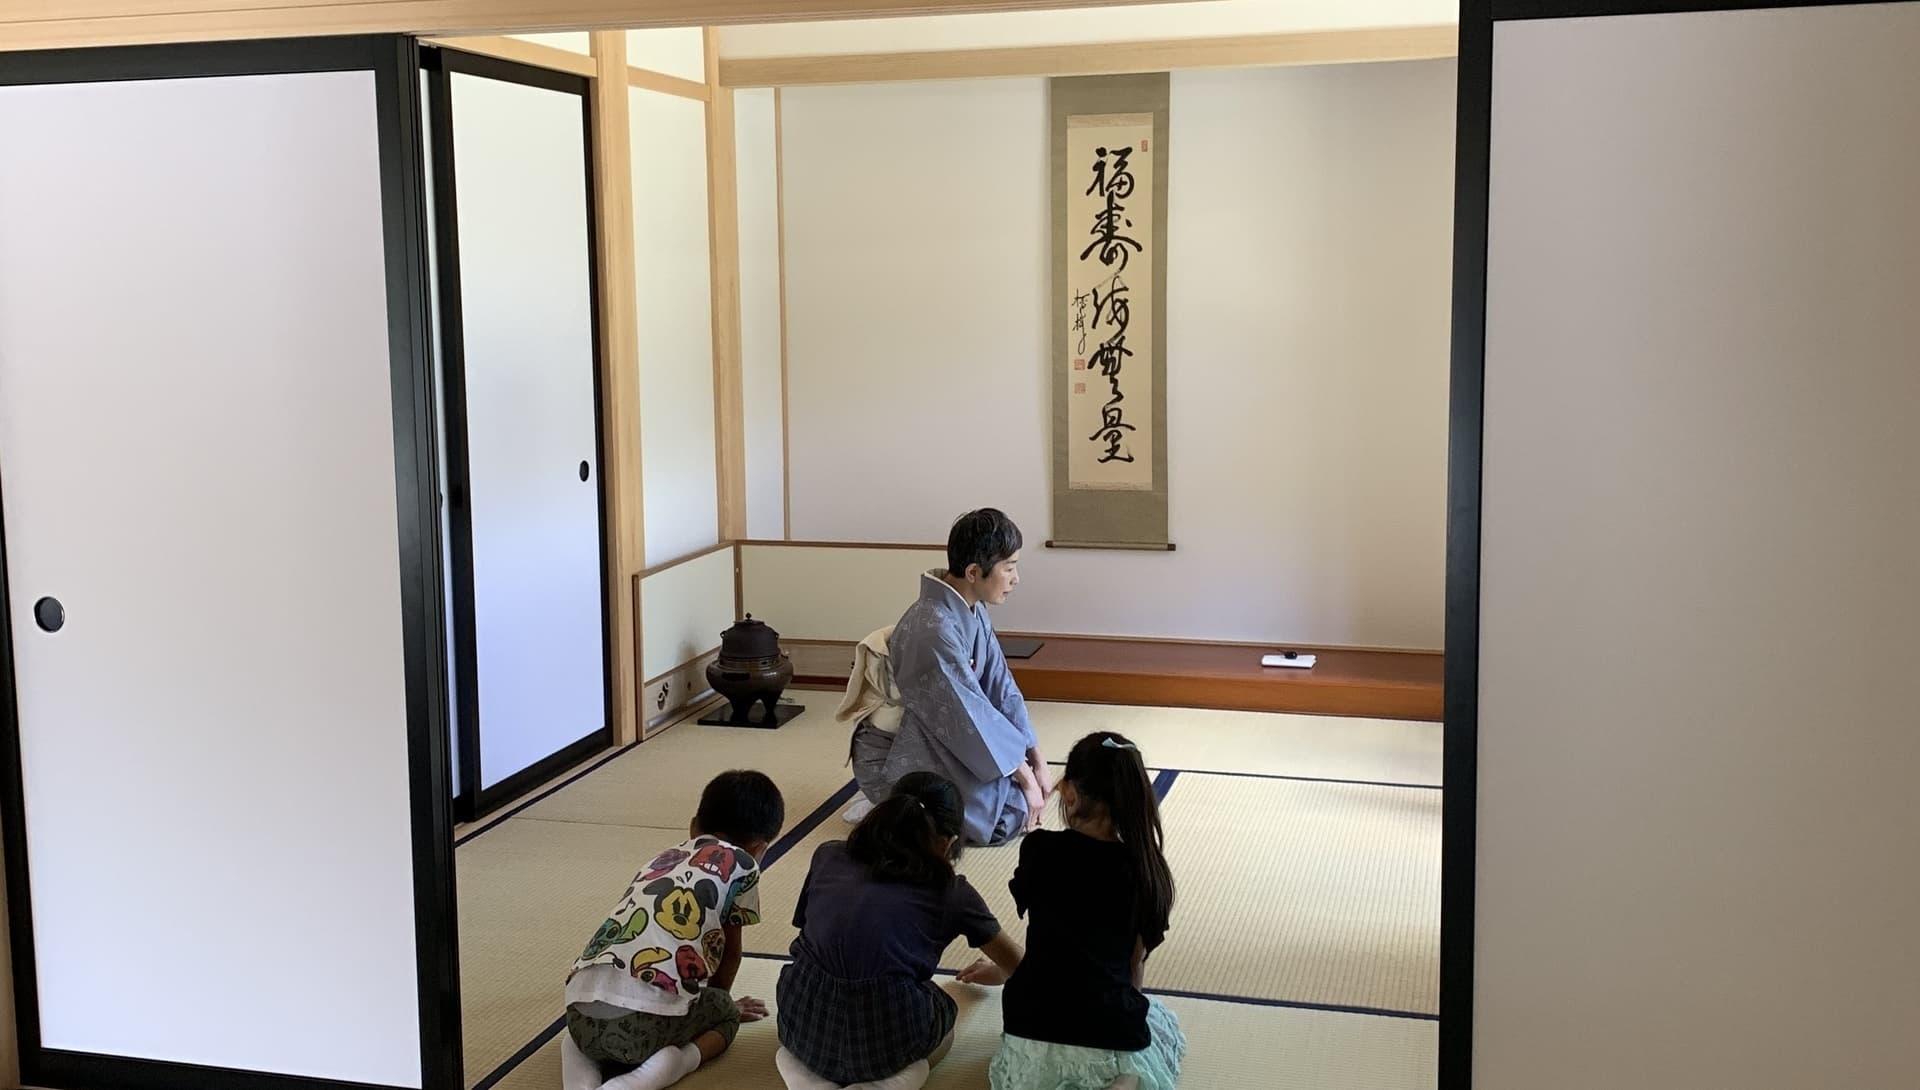 お寺の本堂で茶道体験!抹茶を飲んで坐禅をして心をリフレッシュ!